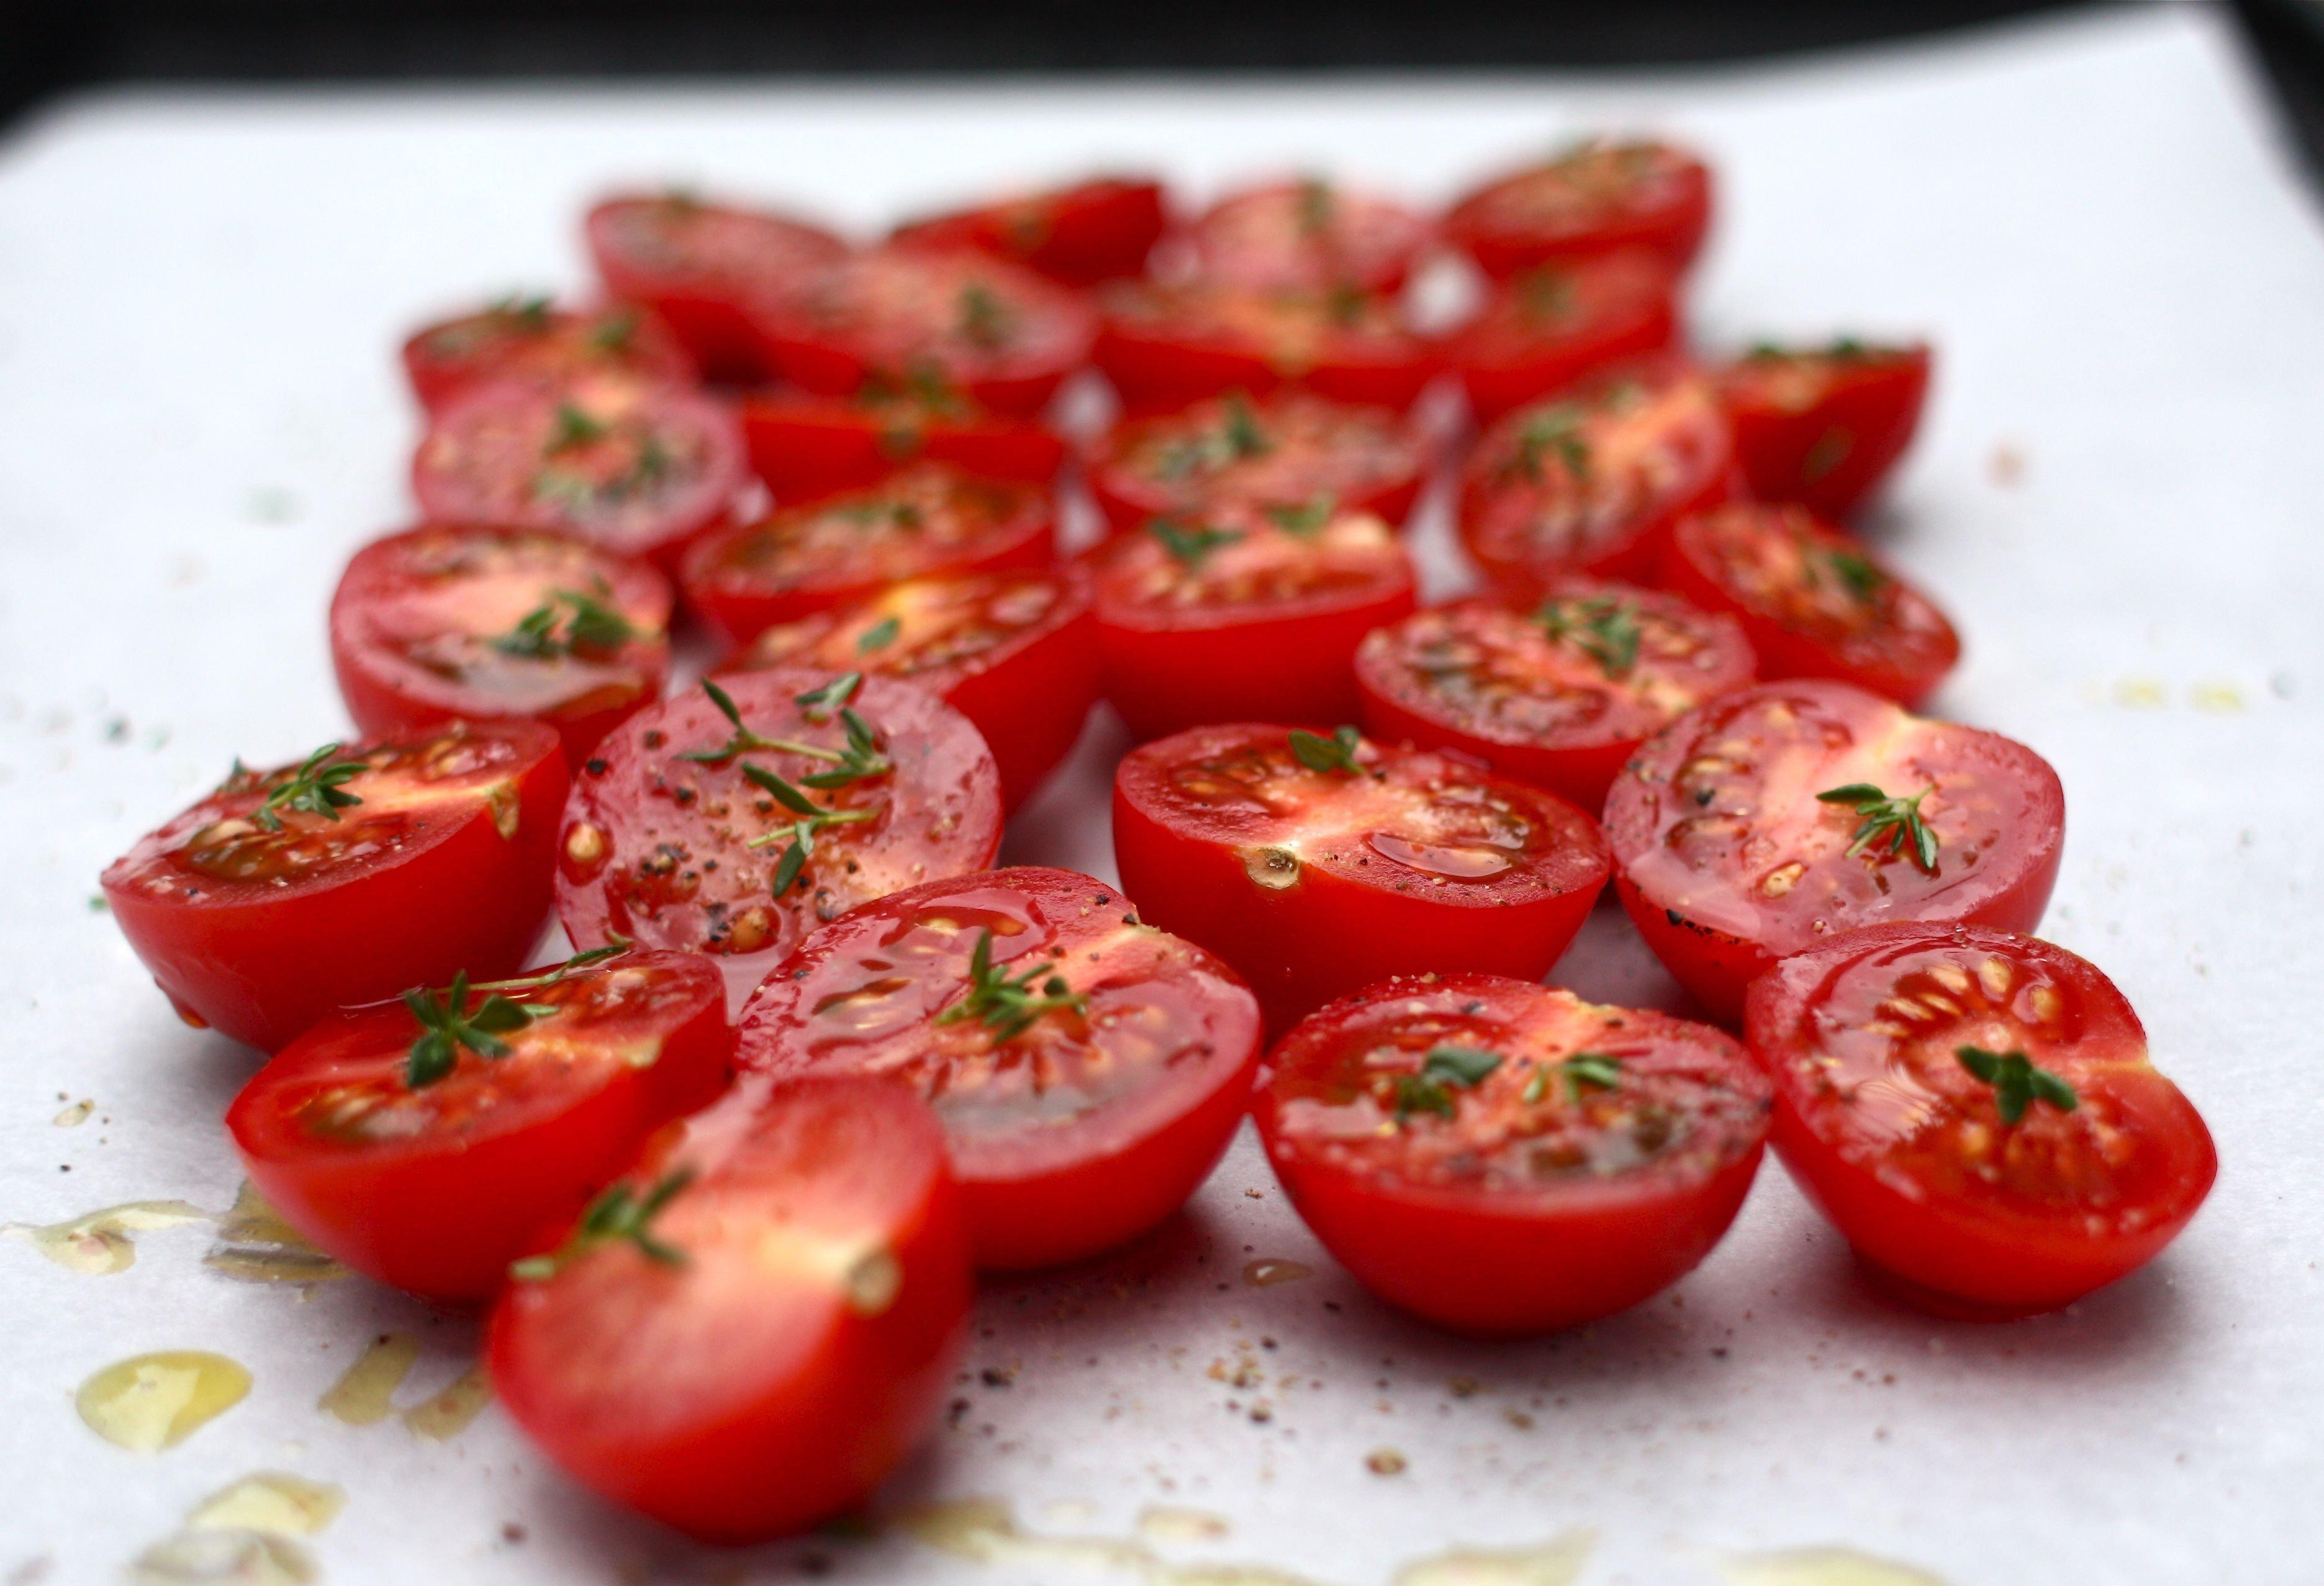 Tomato 10